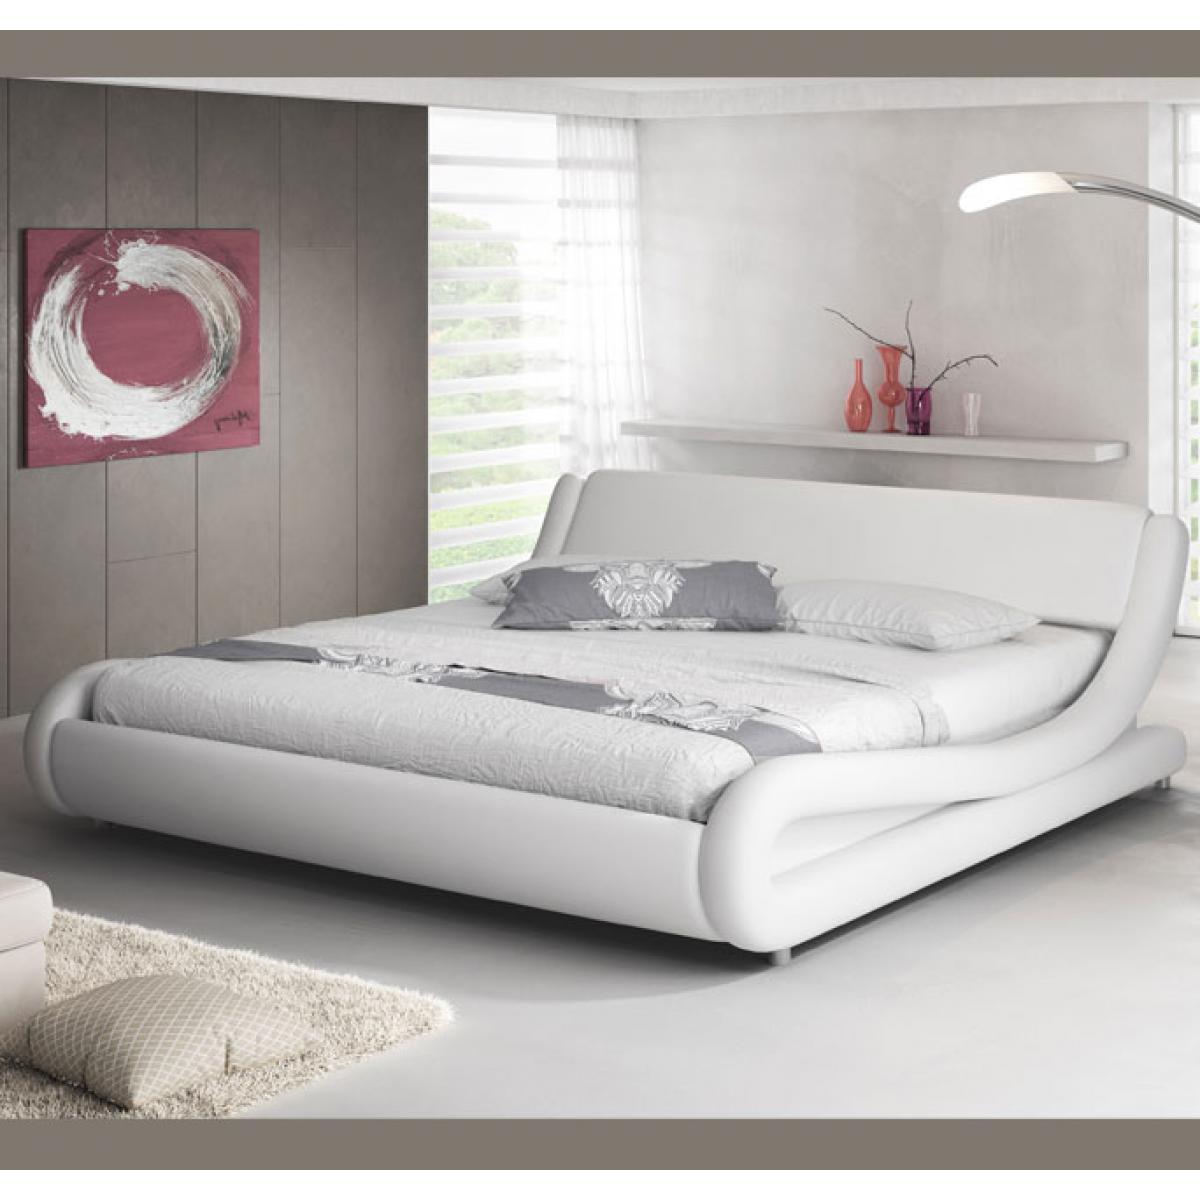 Design Ameublement Lit double Alessia ? blanc 160x190cm